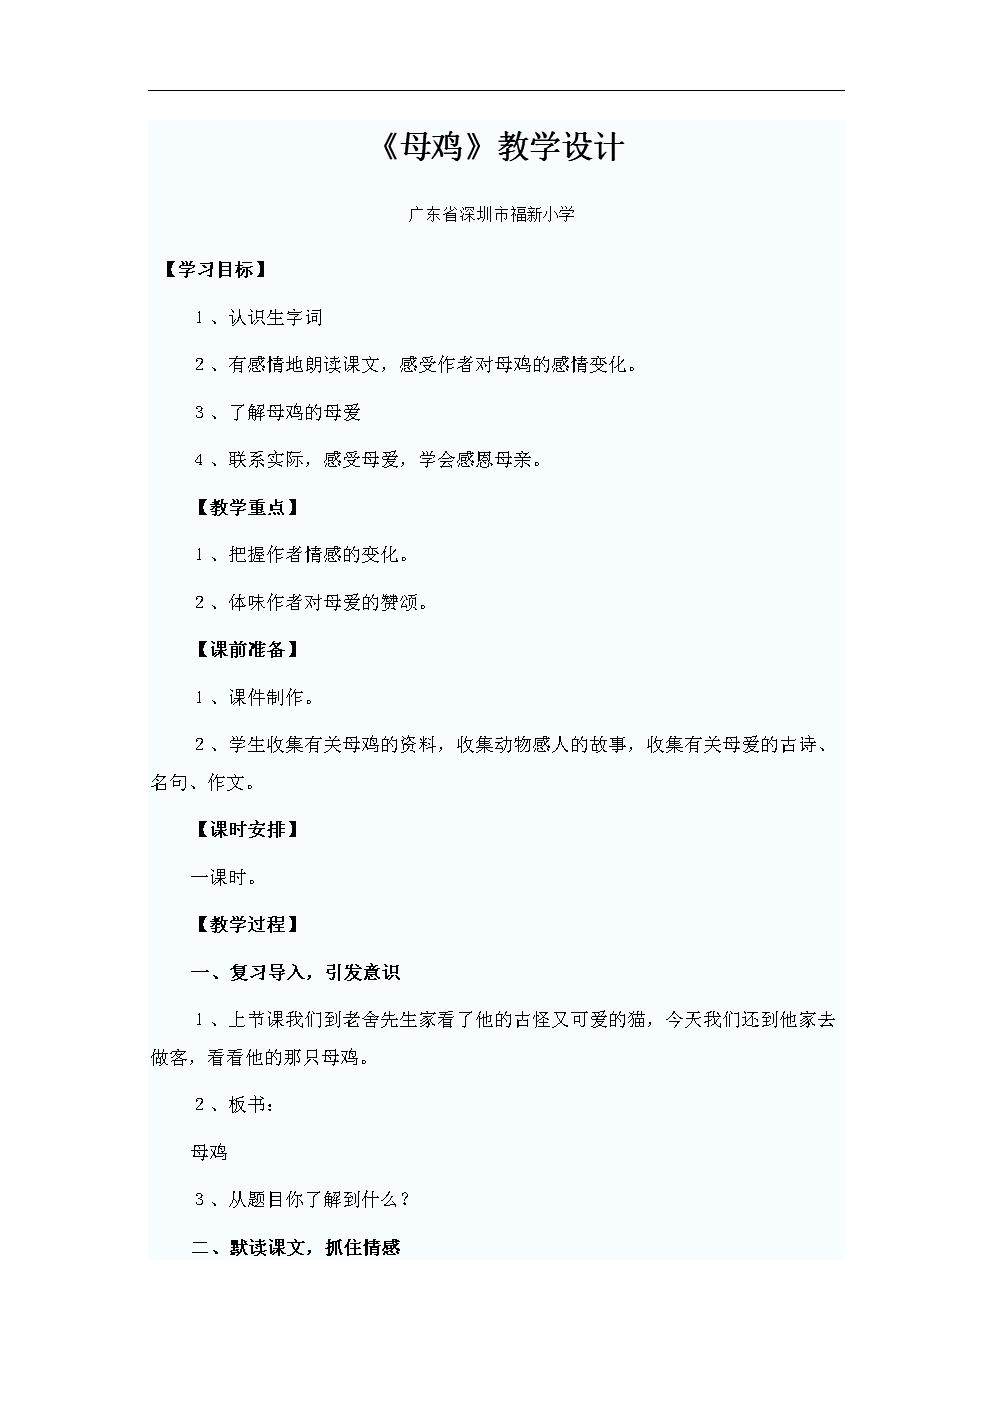 语文教学设计-《母鸡》 广东 李茂婷-小学4年级上册.doc